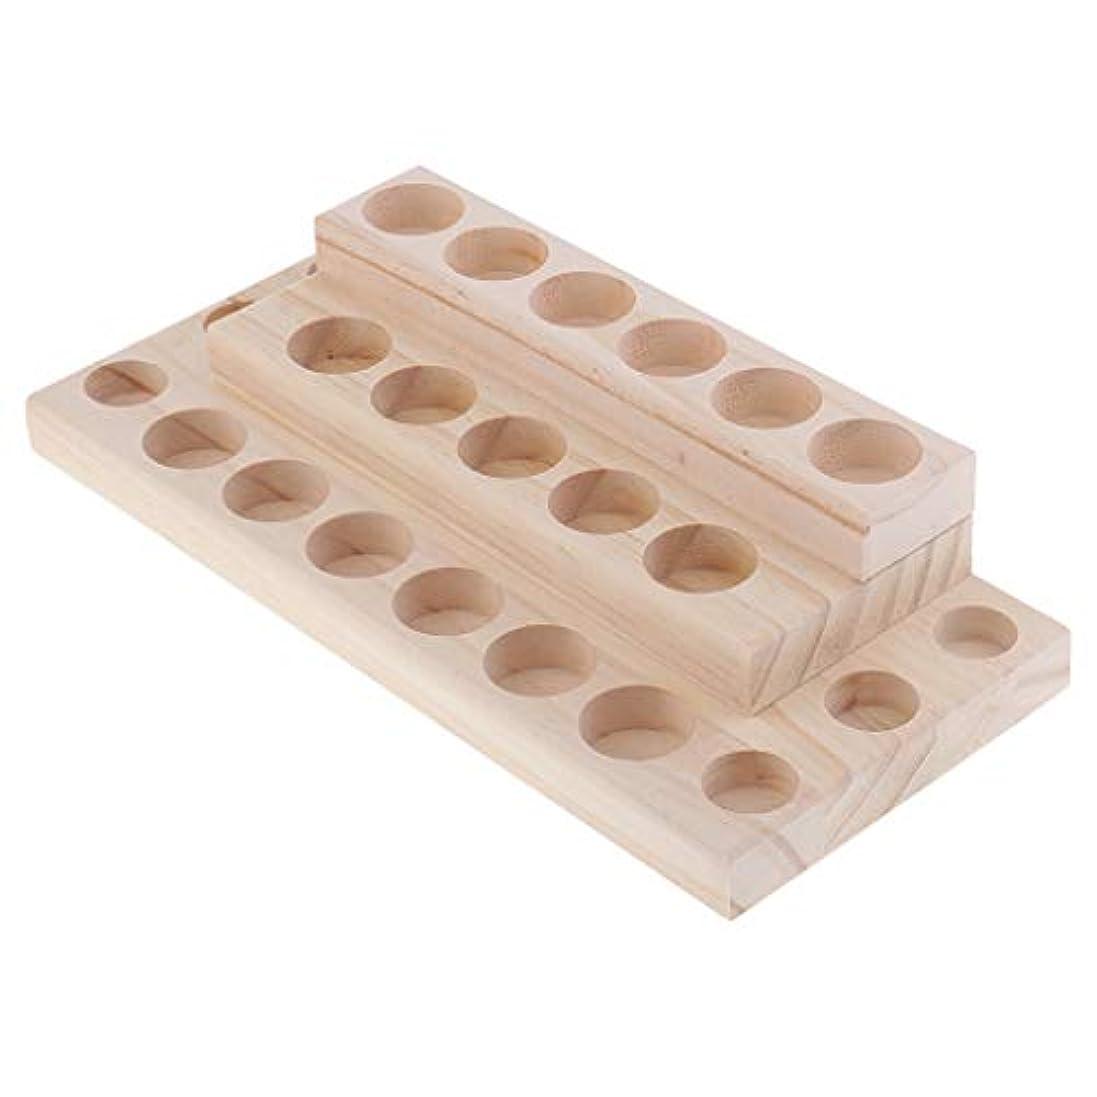 パズル姿勢テレマコスD DOLITY 木製 エッセンシャルオイル 展示ラック 精油 オルガナイザー 陳列台 収納ツール 3層